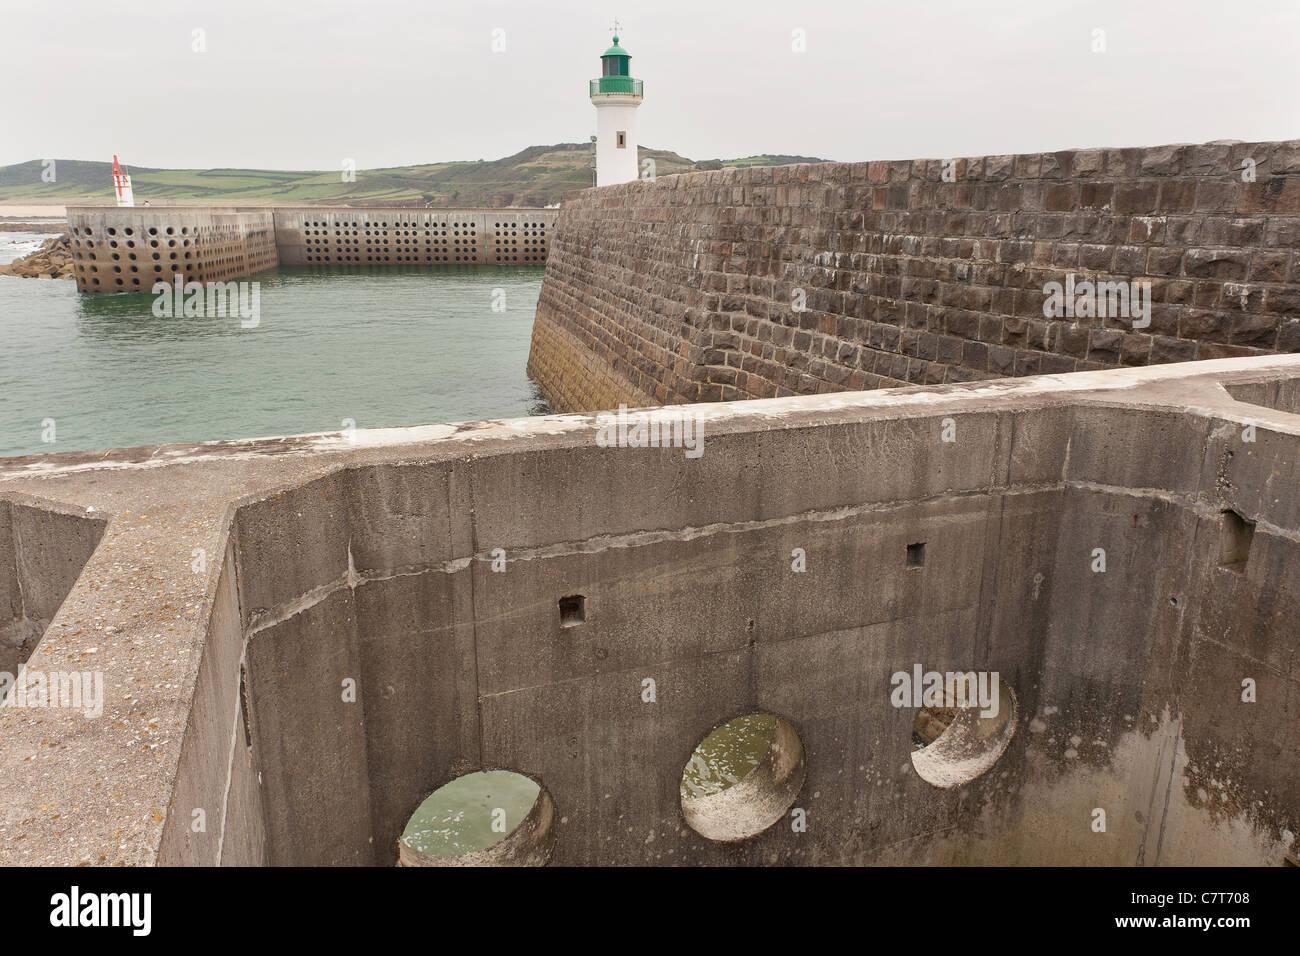 La défense de la mer de l'ingénierie à mur du port pour dissiper la férocité de l'océan Photo Stock